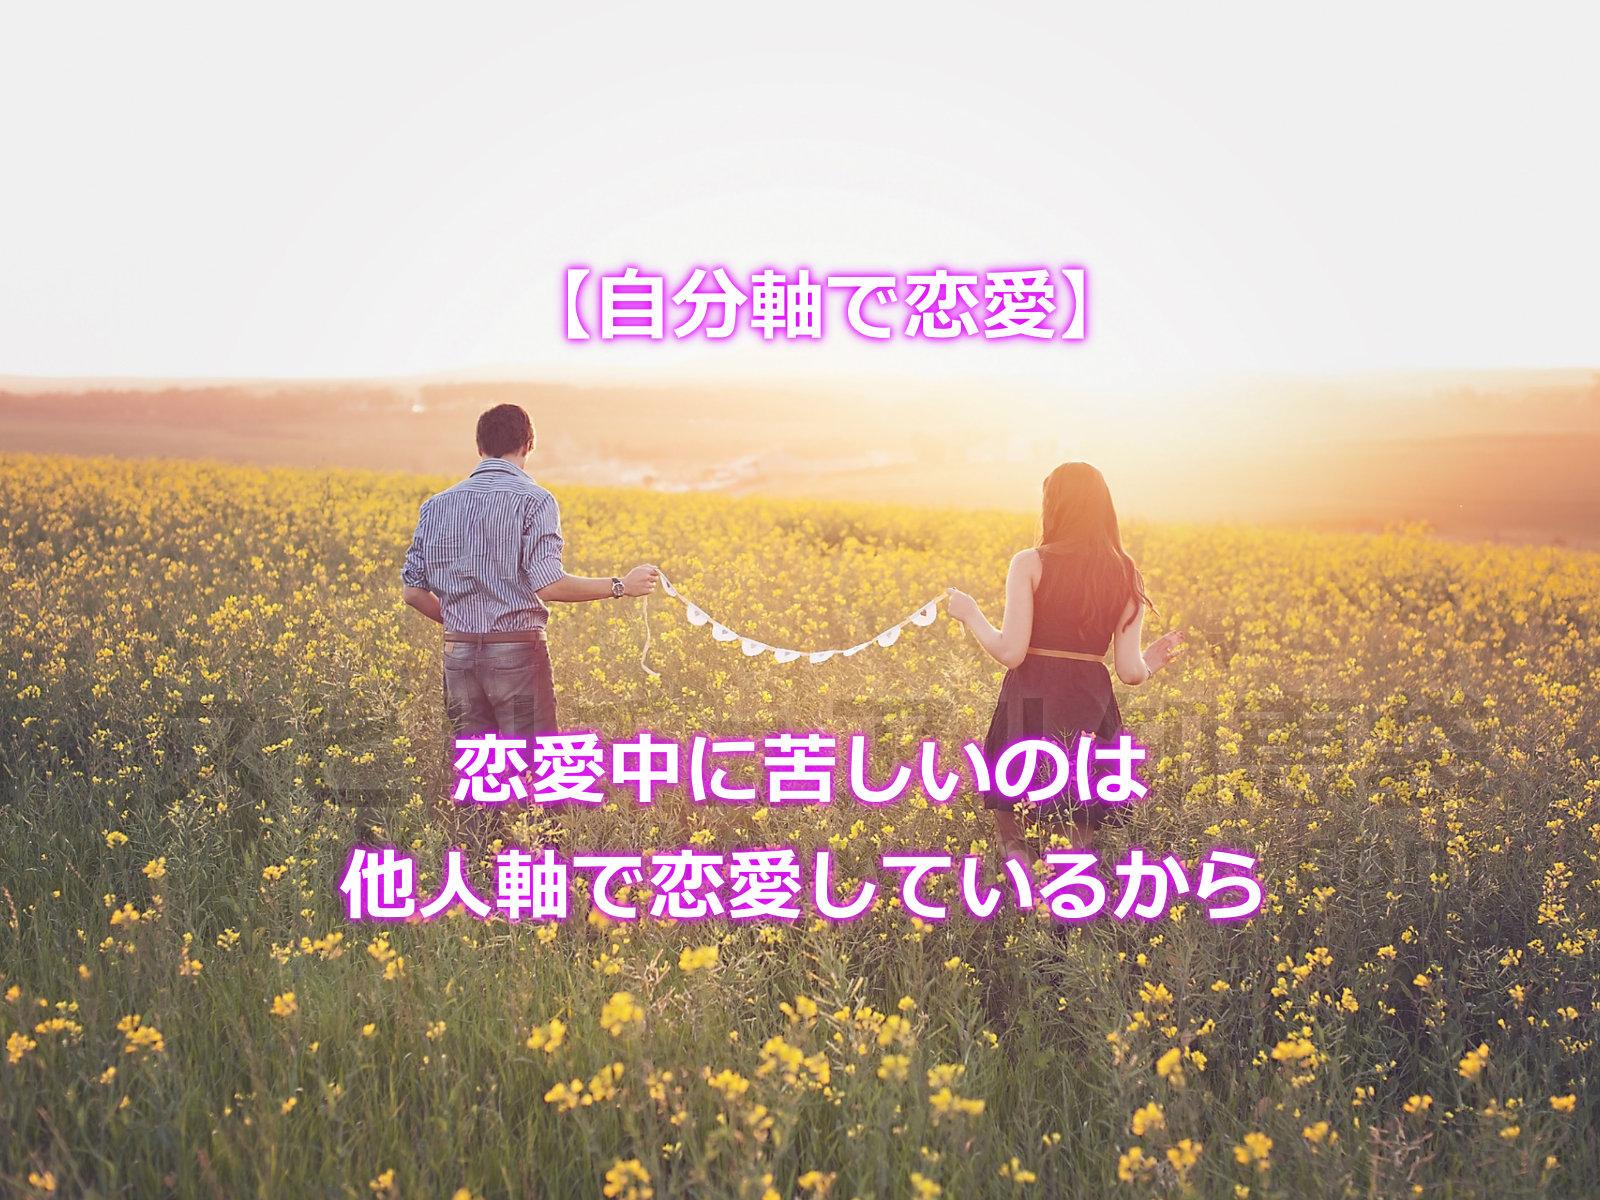 【自分軸で恋愛】恋愛中に苦しいのは他人軸で恋愛しているからのアイキャッチ画像